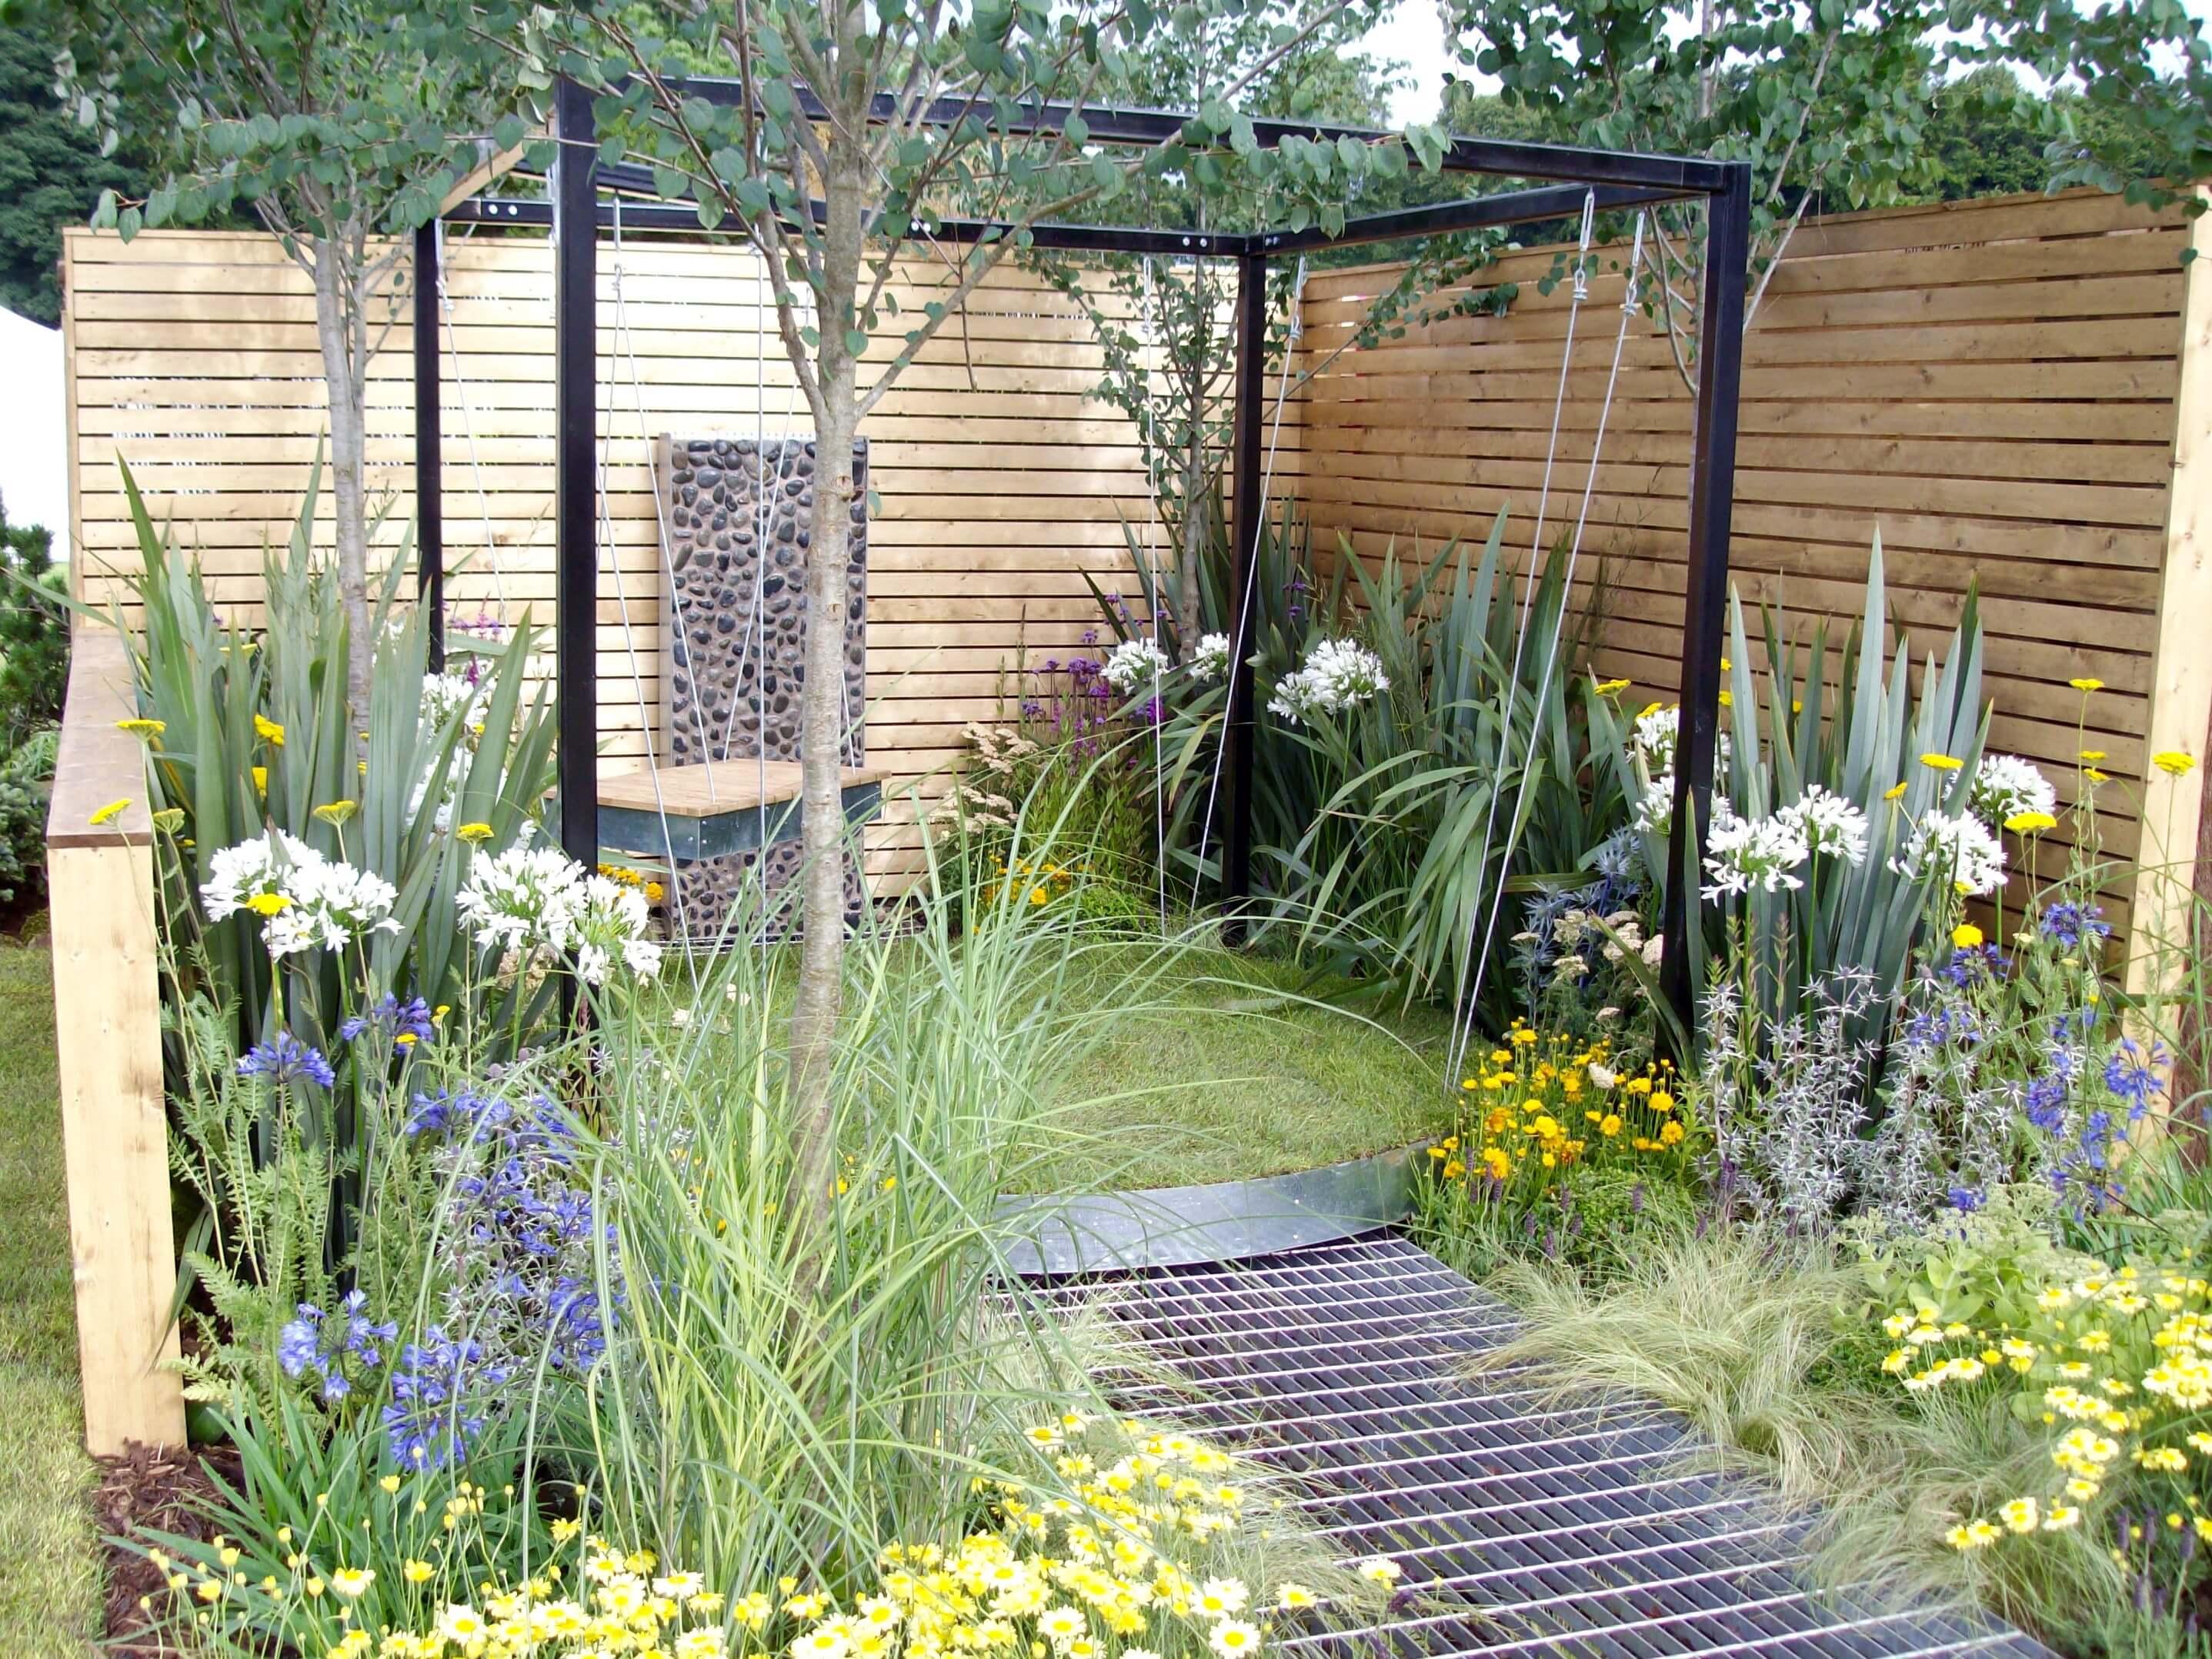 rhs, award, winning, garden, design, designer, david dixon, tatton, park, flower, show, knutsford, cheshire, manchester, 3